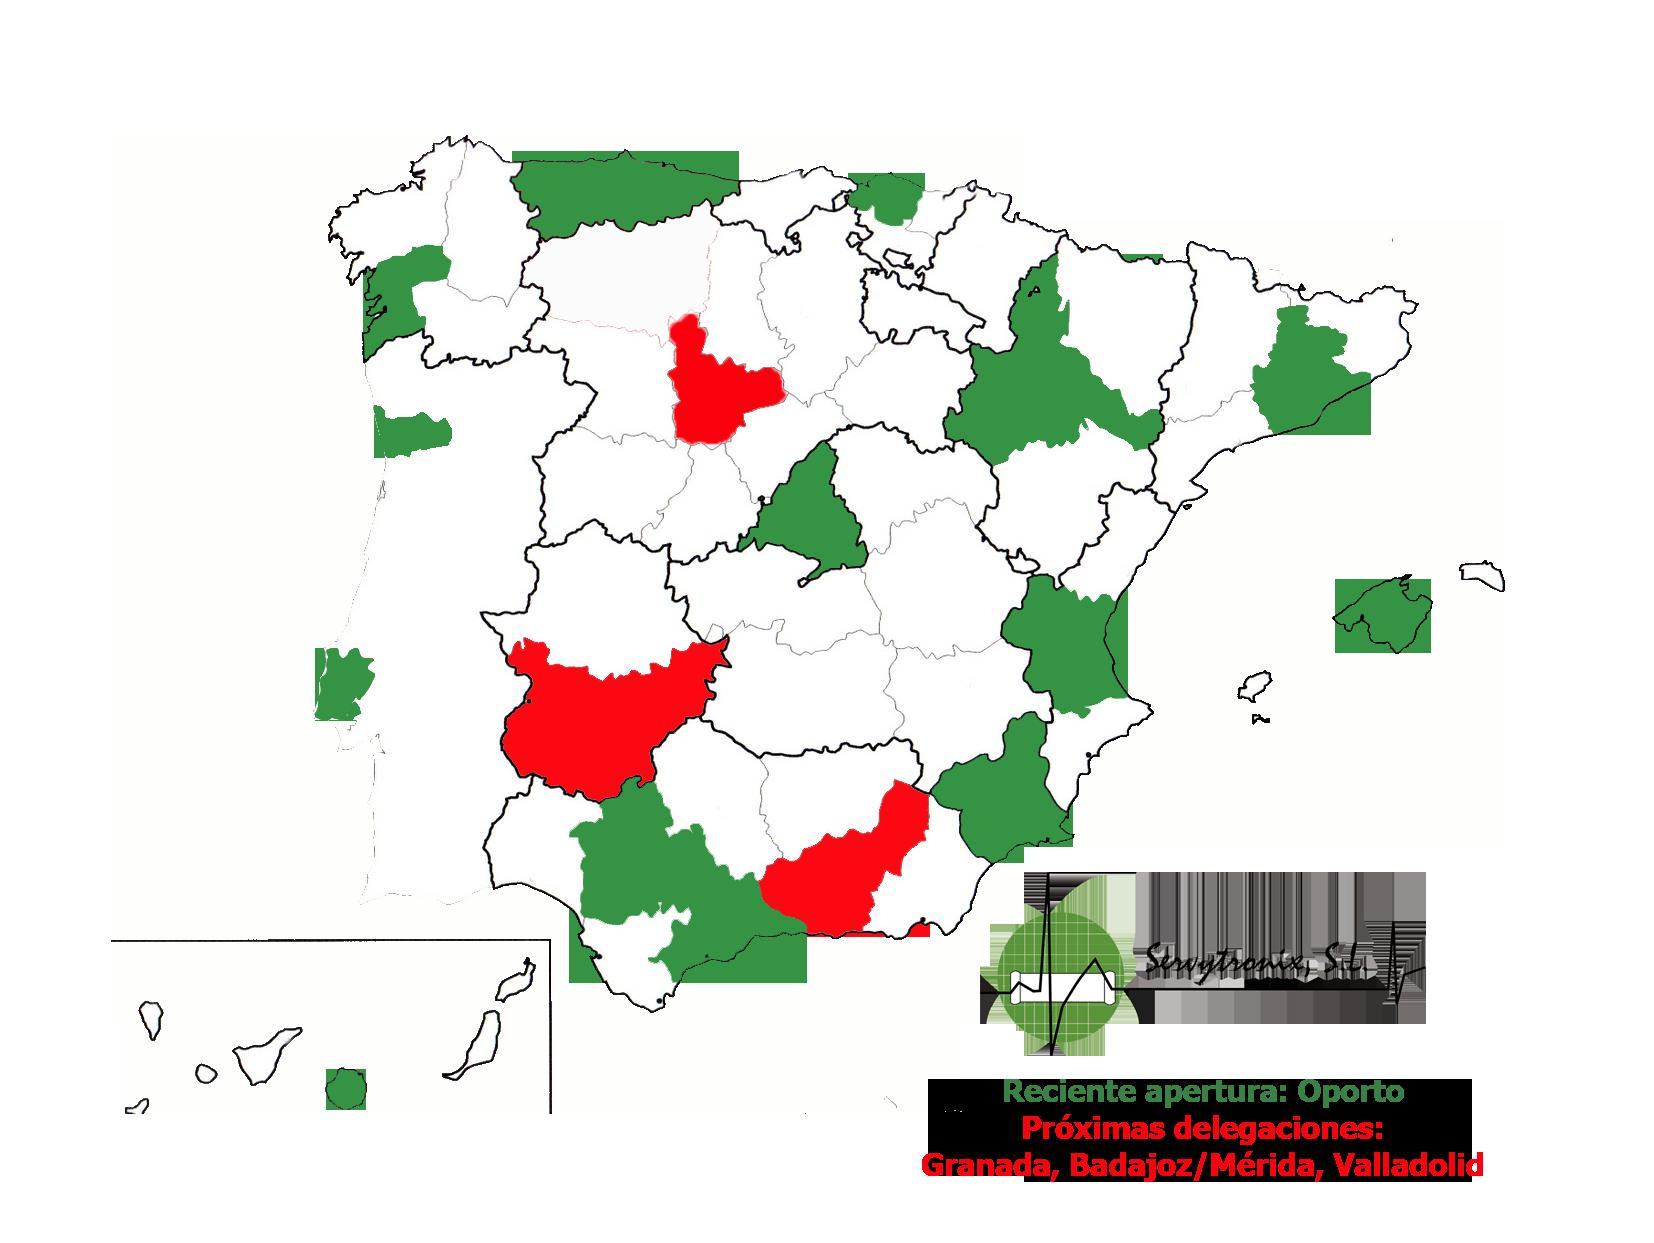 PLANTILLA MAPA ESPAÑA diciembre 2018